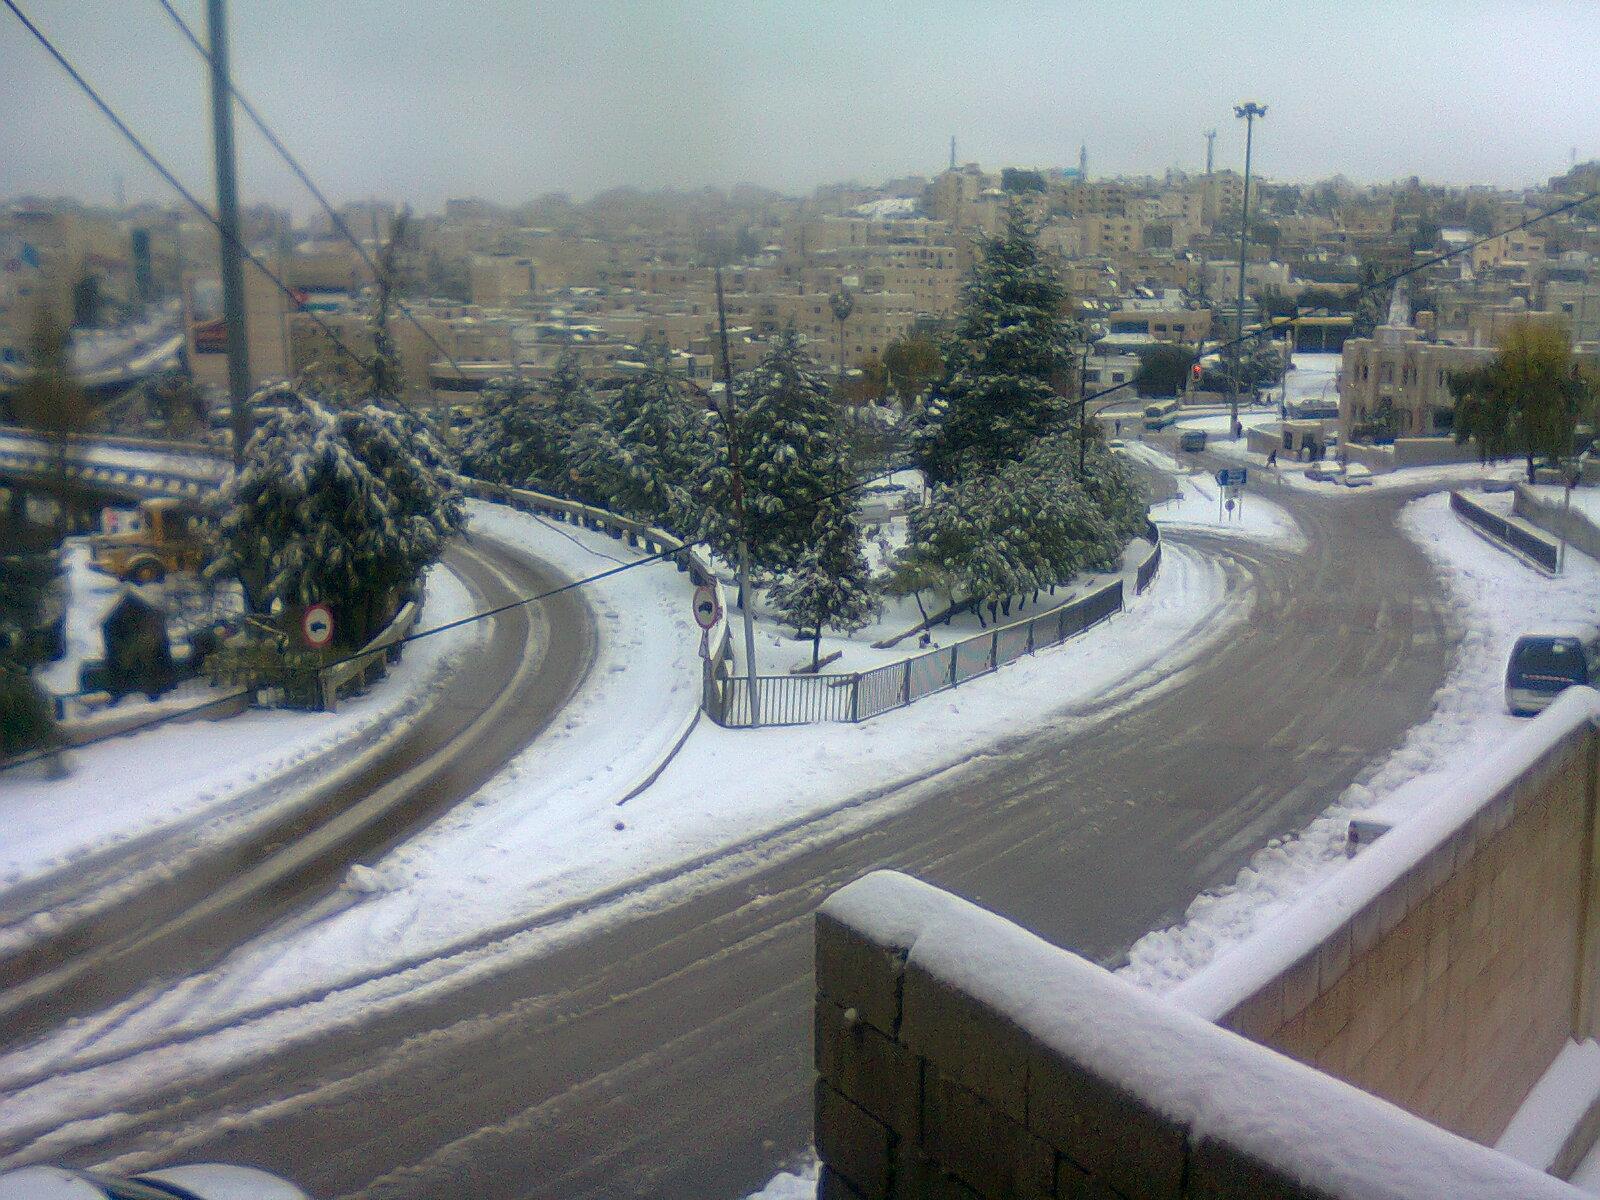 الأردن عمان الجزء الثالث السنه الثالثة تصويريتصويري الثلج في جرشمن